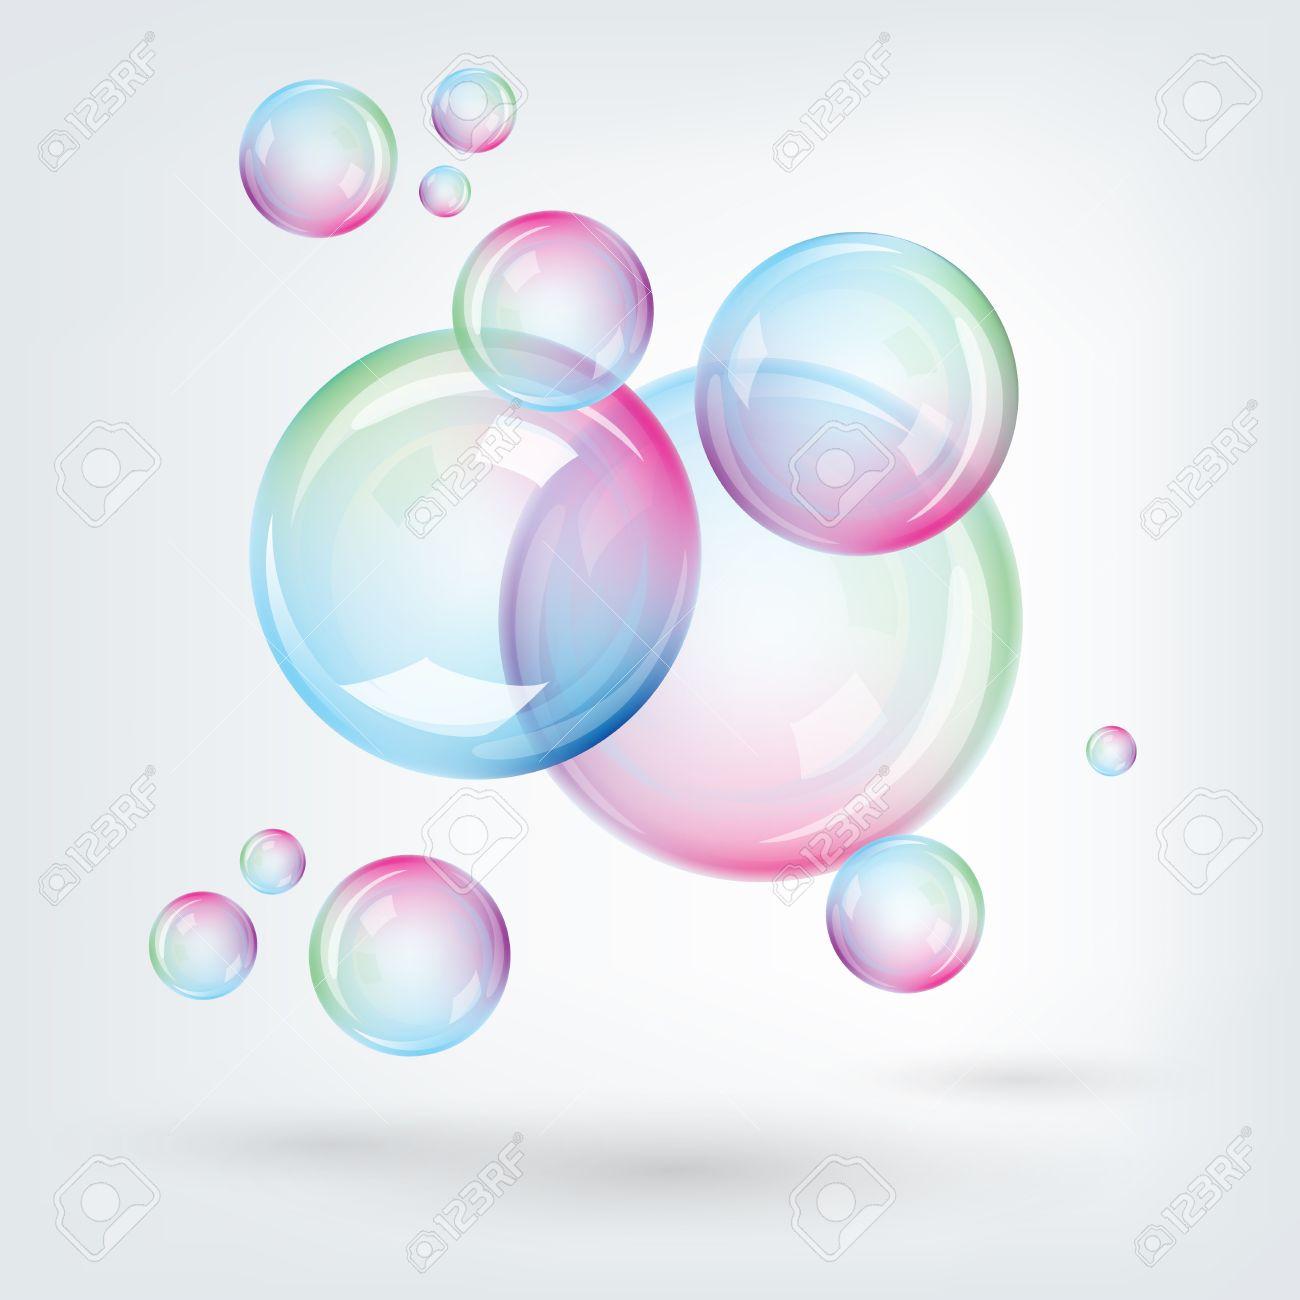 虹の多色のイラストのシャボン玉のイラスト素材ベクタ Image 25205839